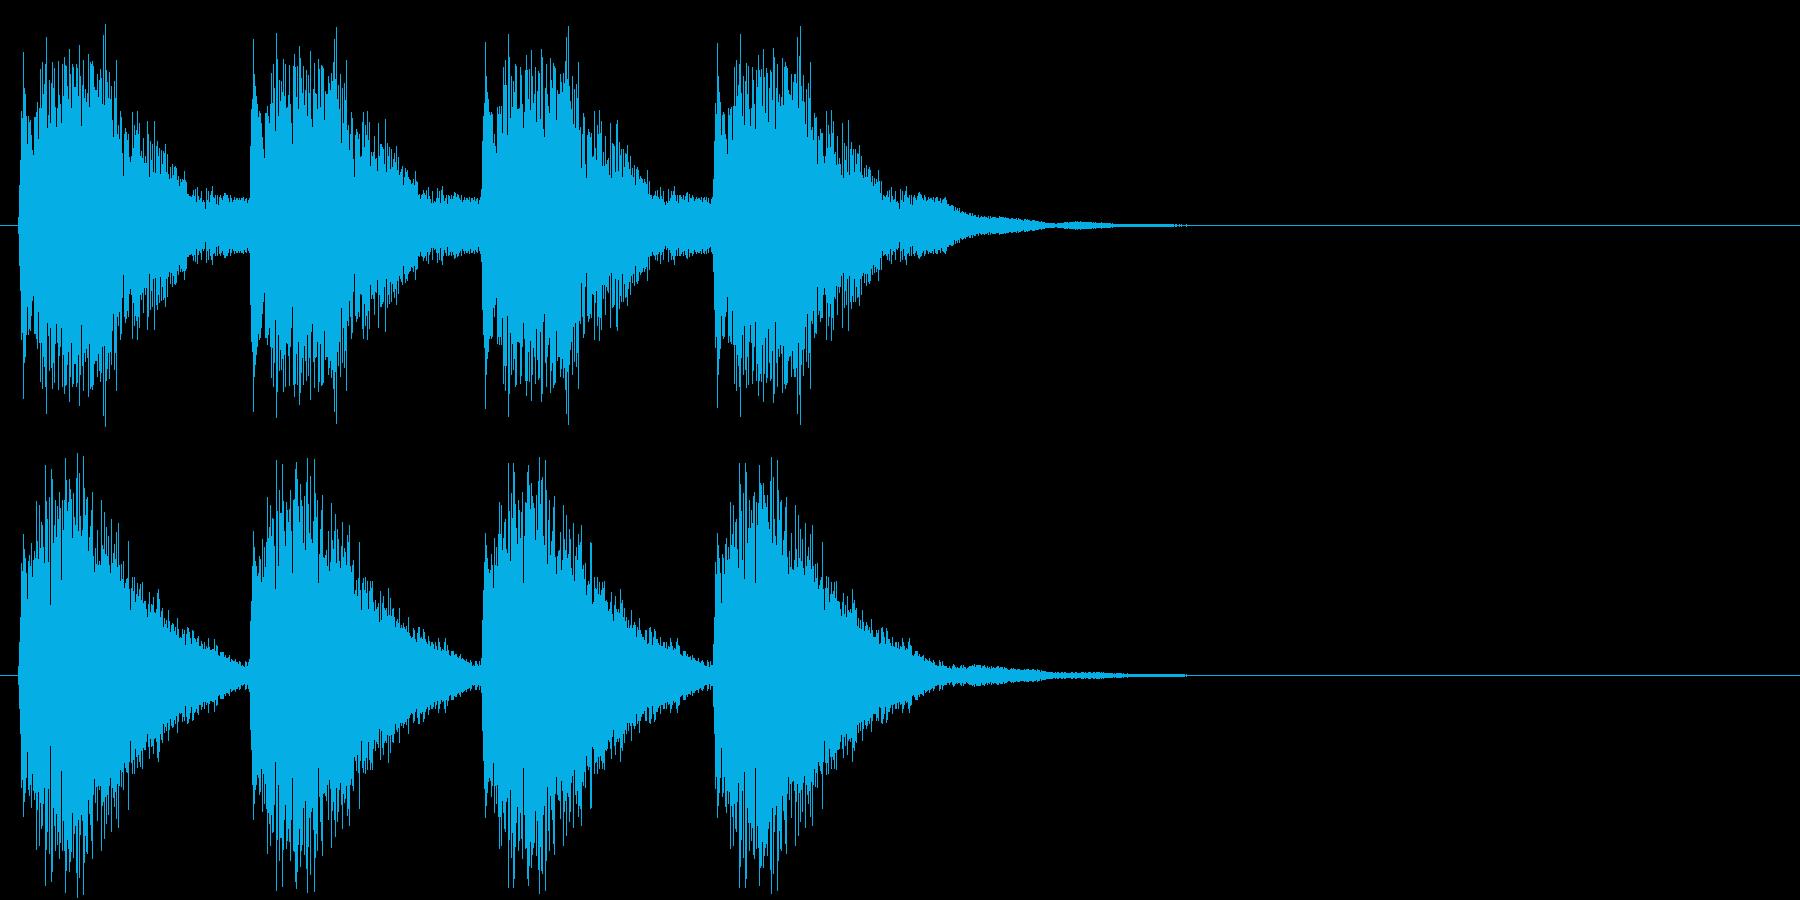 警告・警報・サイレン・ブザー#4(残響)の再生済みの波形